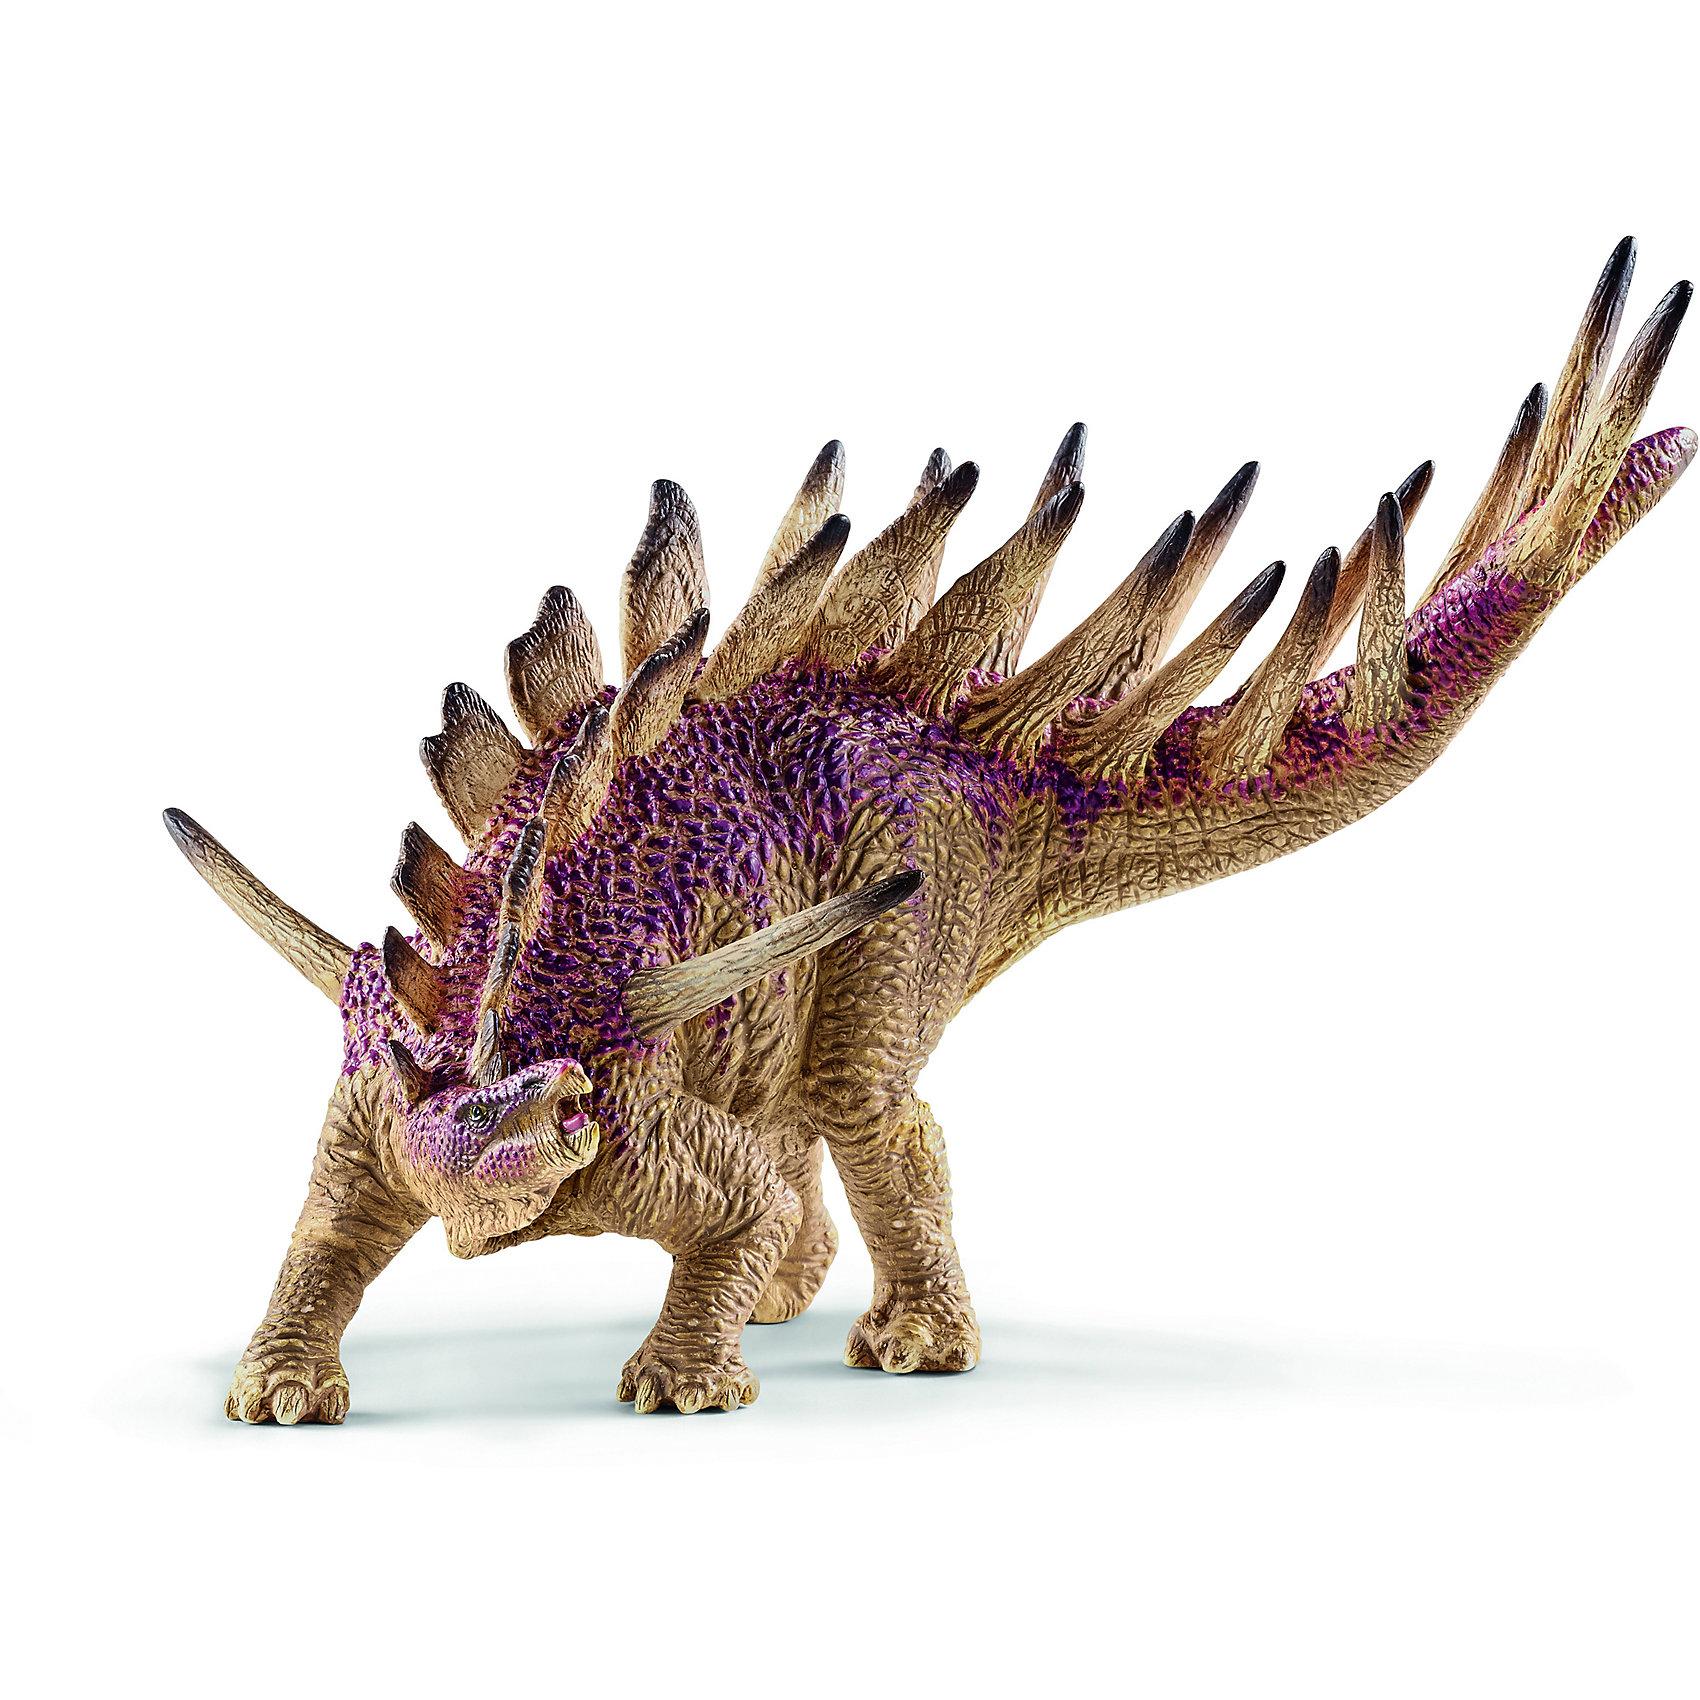 Кентрозавр, SchleichДраконы и динозавры<br>Кентрозавр, Schleich (Шляйх) – это высококачественная коллекционная и игровая фигурка.<br>Фигурка Кентрозавра прекрасно разнообразит игру вашего ребенка и станет отличным пополнением коллекции его фигурок доисторических животных. Кентрозавры — род позднеюрских травоядных динозавров, живший на Земле 155,7—150,8 млн лет назад. Кентрозавры передвигались на четырёх конечностях, но, вероятно, могли вставать на задние лапы, дотягиваясь за пищей до высоких веток. Длина выставленного в берлинском Музее естественной истории им. Гумбольдта экземпляра 4,5 м, высота 1,5 м, но отдельные найденные кости, позволяют предполагать, что кентрозавры могли достигать 5,5 м. Хвост, состоящий из 40 позвонков, составляет чуть больше половины длины тела. Вдоль всего тела от головы до кончика хвоста тянулись два ряда костных образований, которые служили защитой от хищников. На шее и передней части туловища шли плоские и широкие пластины, далее до конца хвоста, все более длинные копьеобразные шипы. Гибкий хвост, в сочетании с расположенными на нём шипами, вероятно, представлял грозное оружие обороны. На плечах животного находилась дополнительная пара торчащих в стороны длинных шипов. Прекрасно выполненная фигурка от Schleich (Шляйх) является максимально точной копией кентрозавра. Фигурки Schleich (Шляйх) отличаются высочайшим качеством игрушек ручной работы. Каждая фигурка разработана с учетом исследований в области педагогики и производится как настоящее произведение для маленьких детских ручек. Все фигурки Schleich (Шляйх) сделаны из гипоаллергенных высокотехнологичных материалов, раскрашены вручную и не вызывают аллергии у ребенка.<br><br>Дополнительная информация:<br><br>- Размер фигурки: 1,5 х 11,9 х 11,5 см.<br>- Материал: высококачественный каучуковый пластик<br><br>Фигурку Кентрозавра, Schleich (Шляйх) можно купить в нашем интернет-магазине.<br><br>Ширина мм: 139<br>Глубина мм: 55<br>Высота мм: 49<br>Вес г: 133<br>Возраст от месяцев: 36<br>Воз